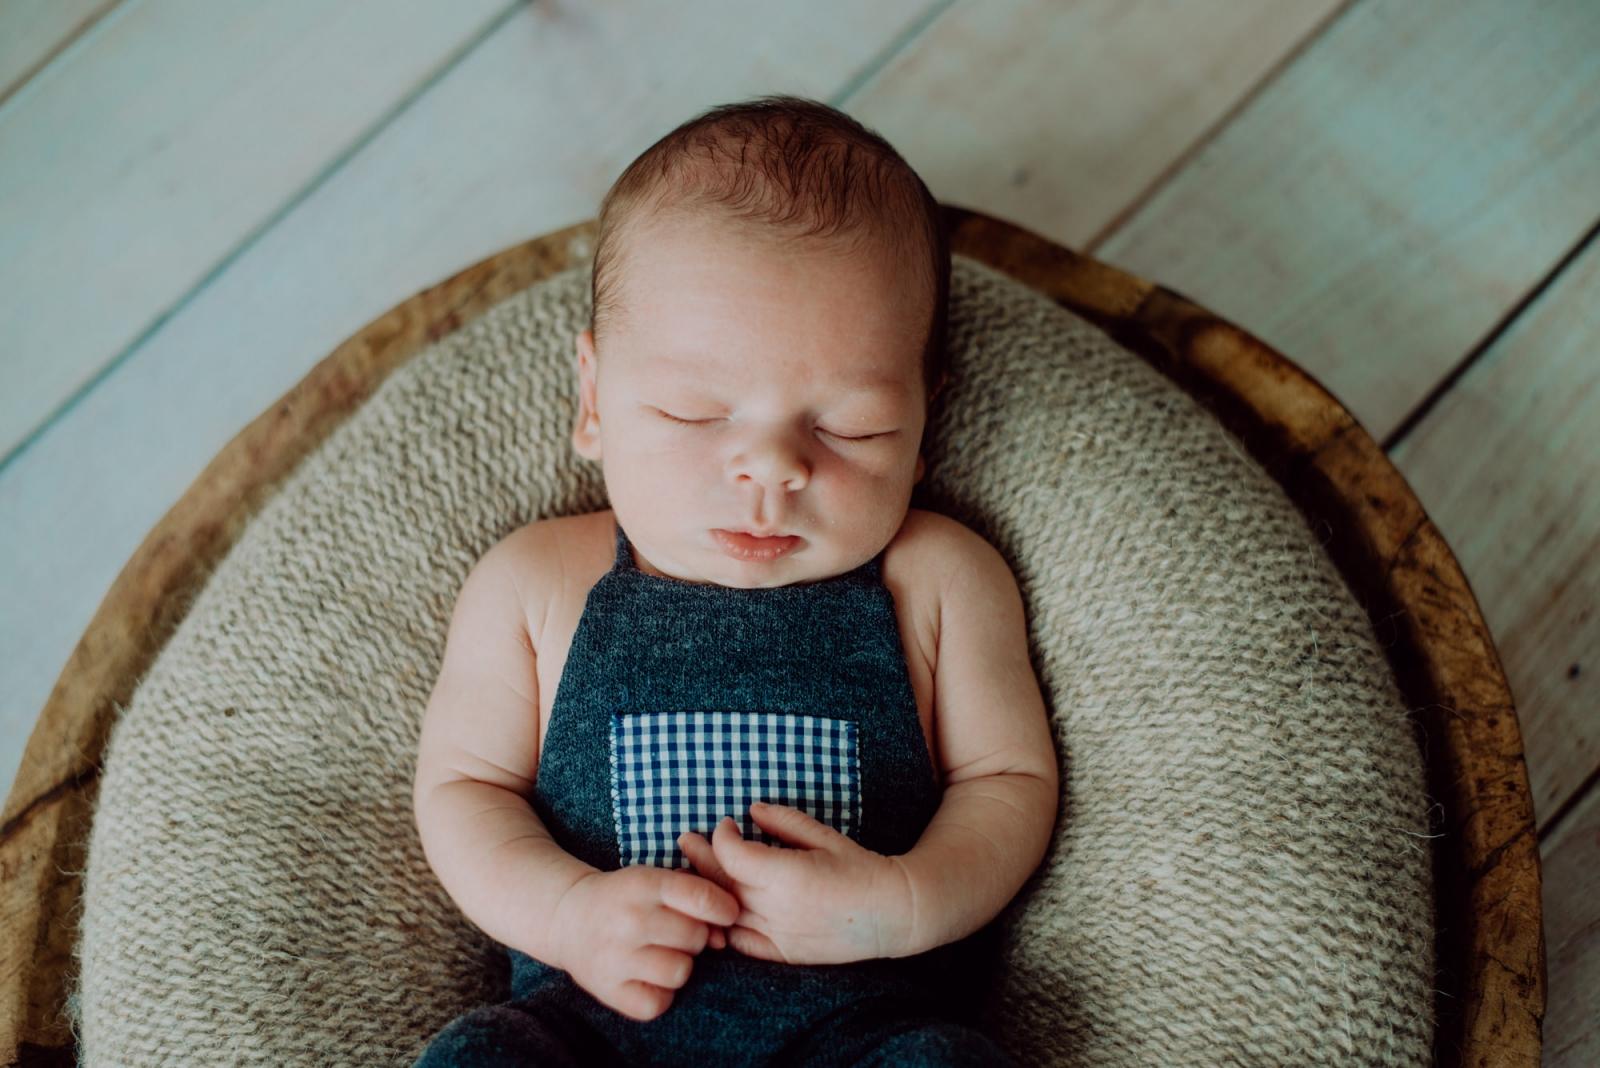 Baby schlafend auf brauner Schale, Radebeul